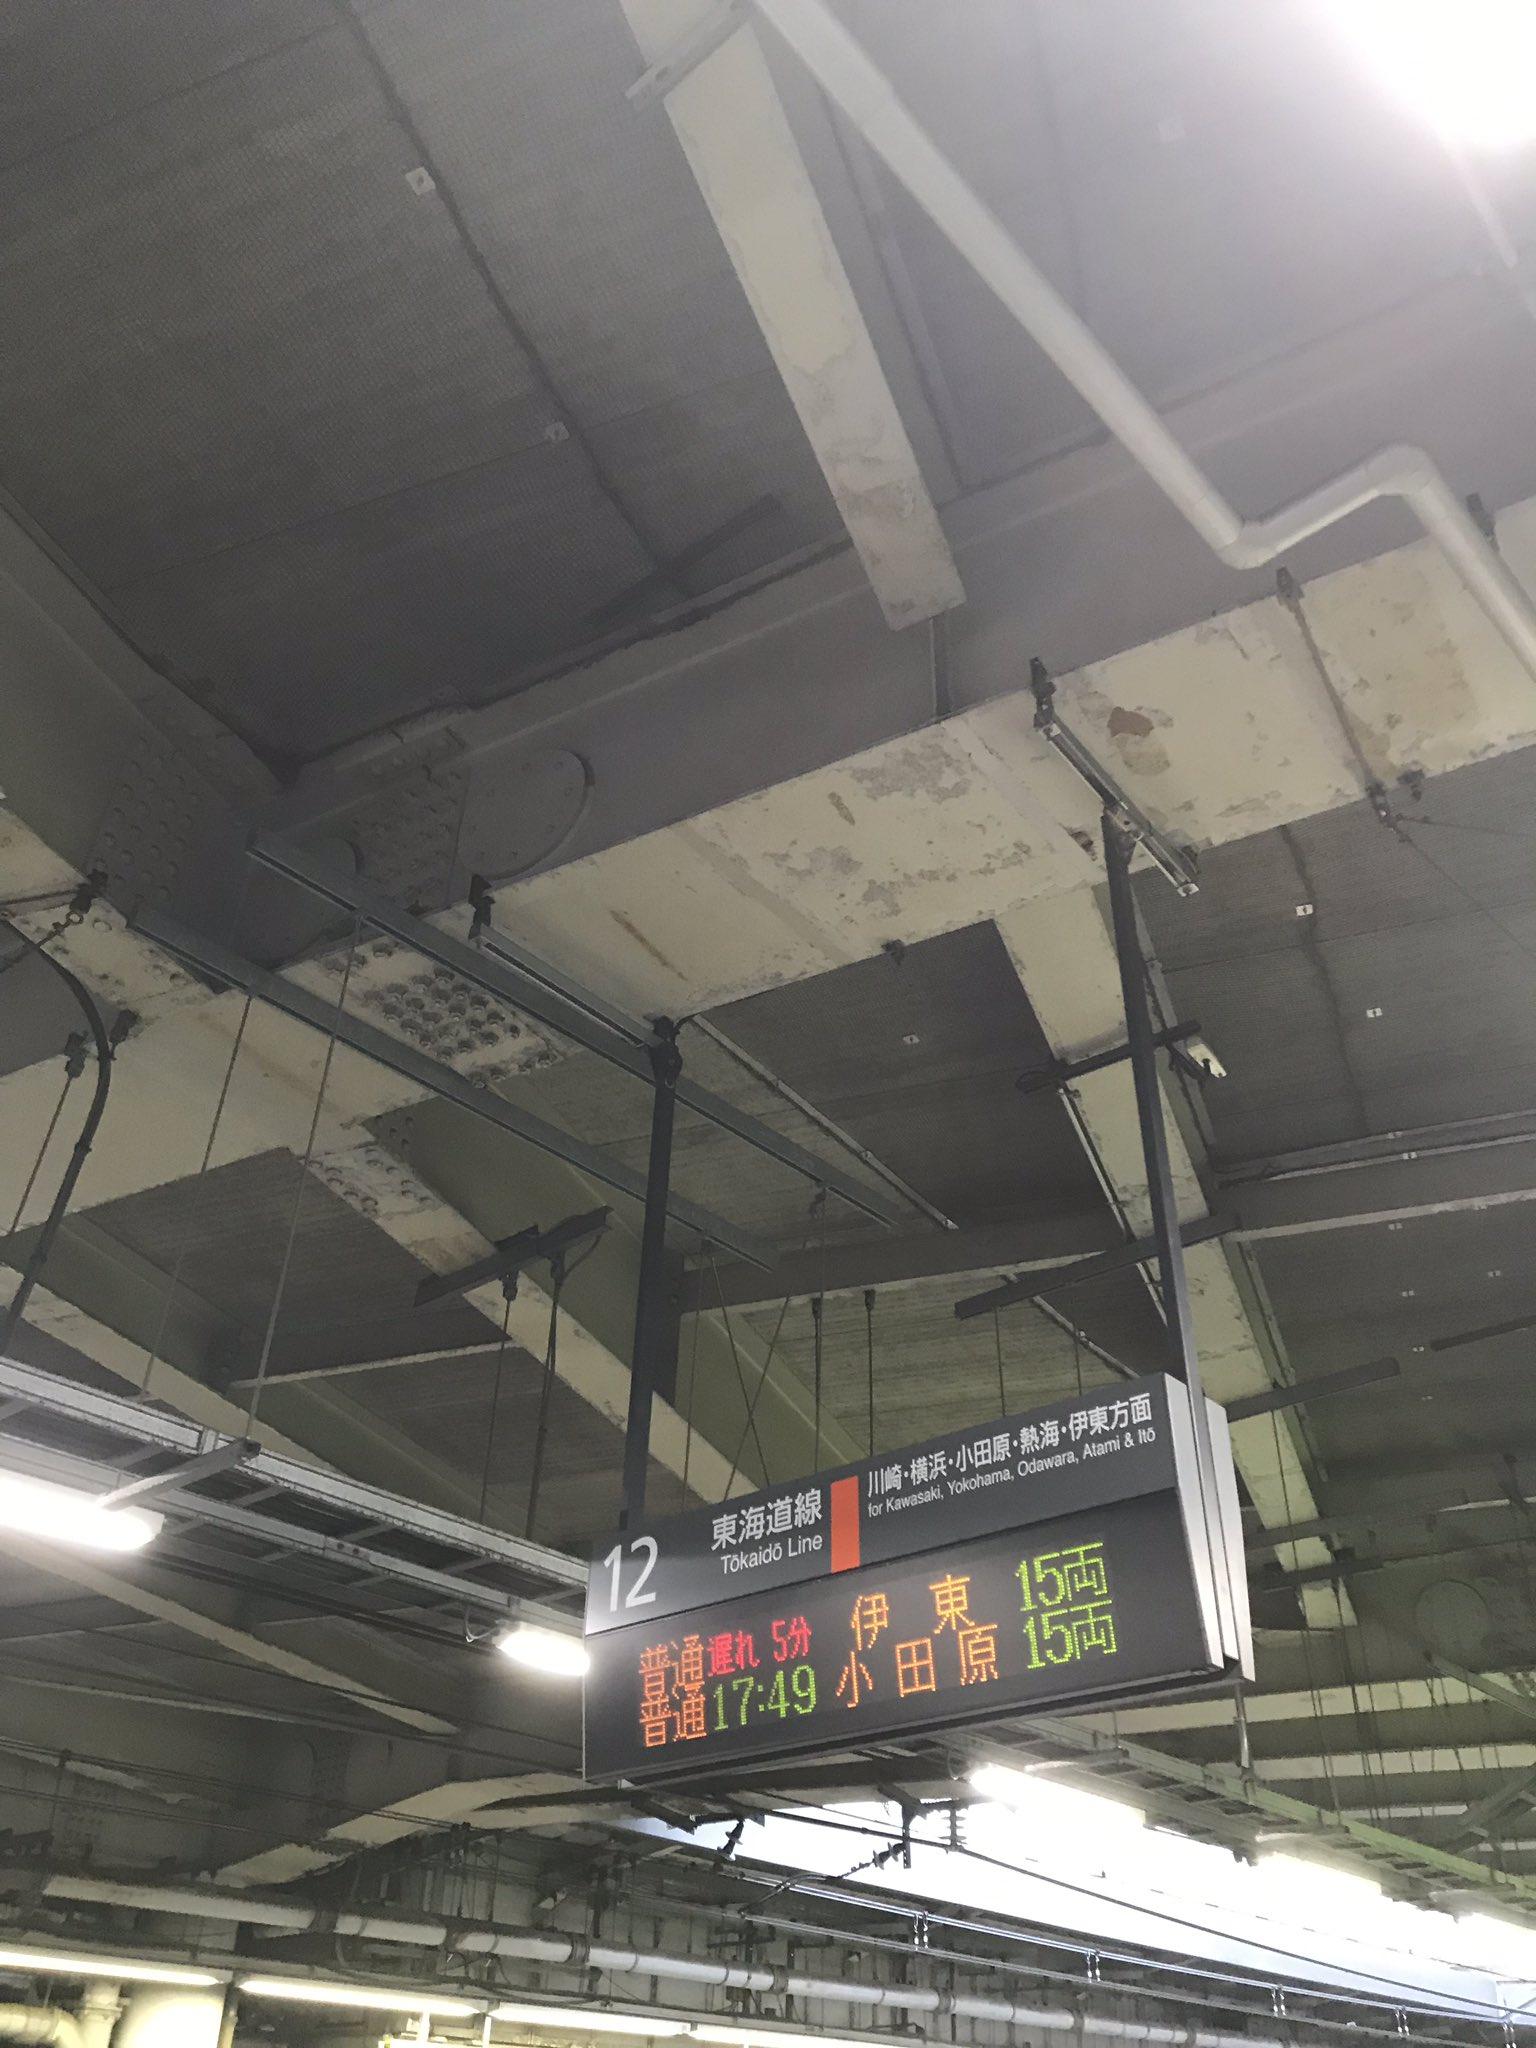 画像,東海道線人身事故発生!どうやって帰ろうかな?#JR #東海道線#人身事故 https://t.co/qv8vT49zfp…